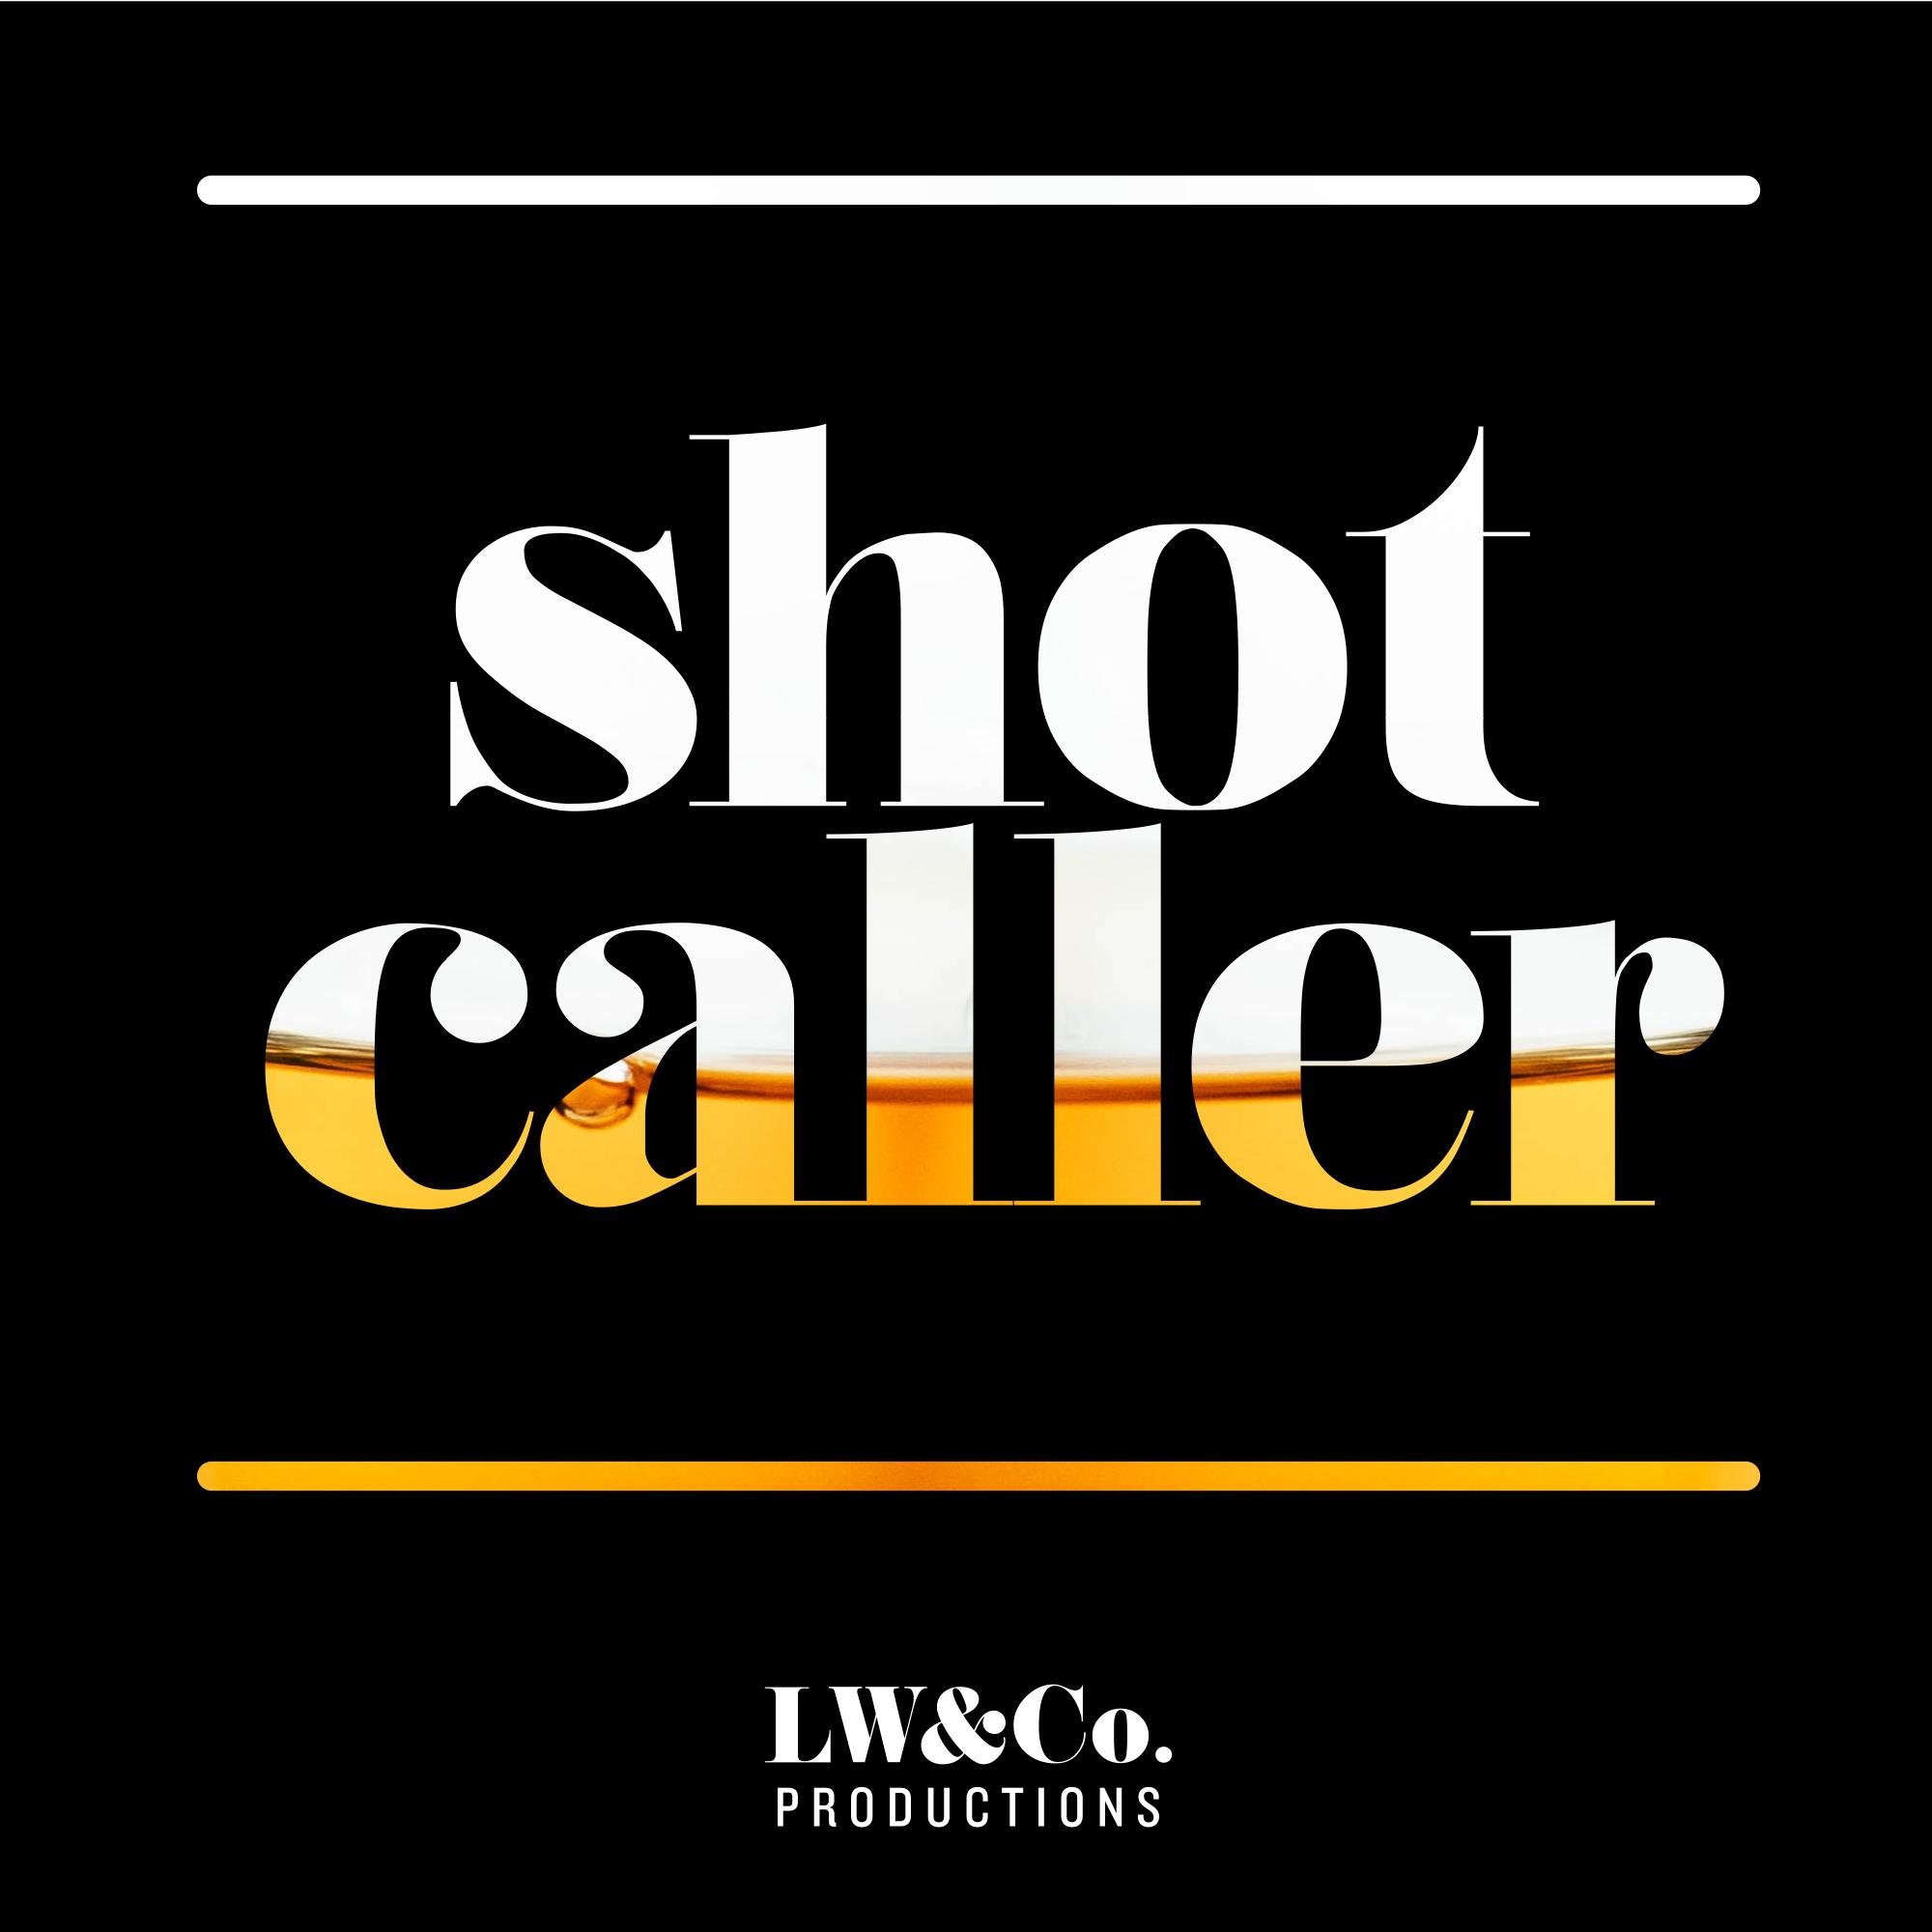 Shot caller official logo